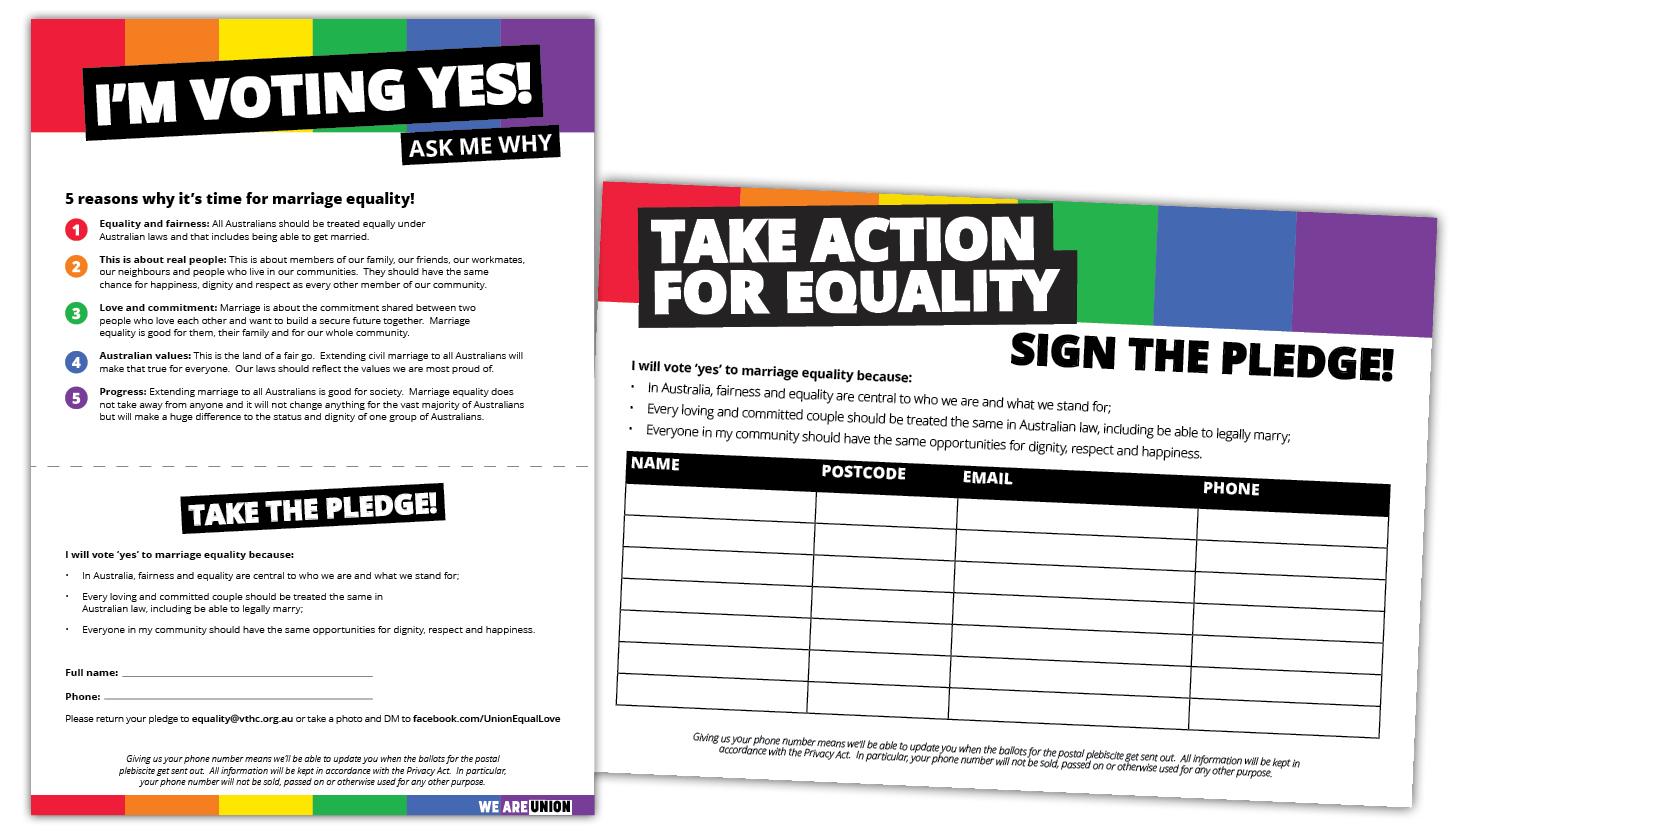 pledges.jpg